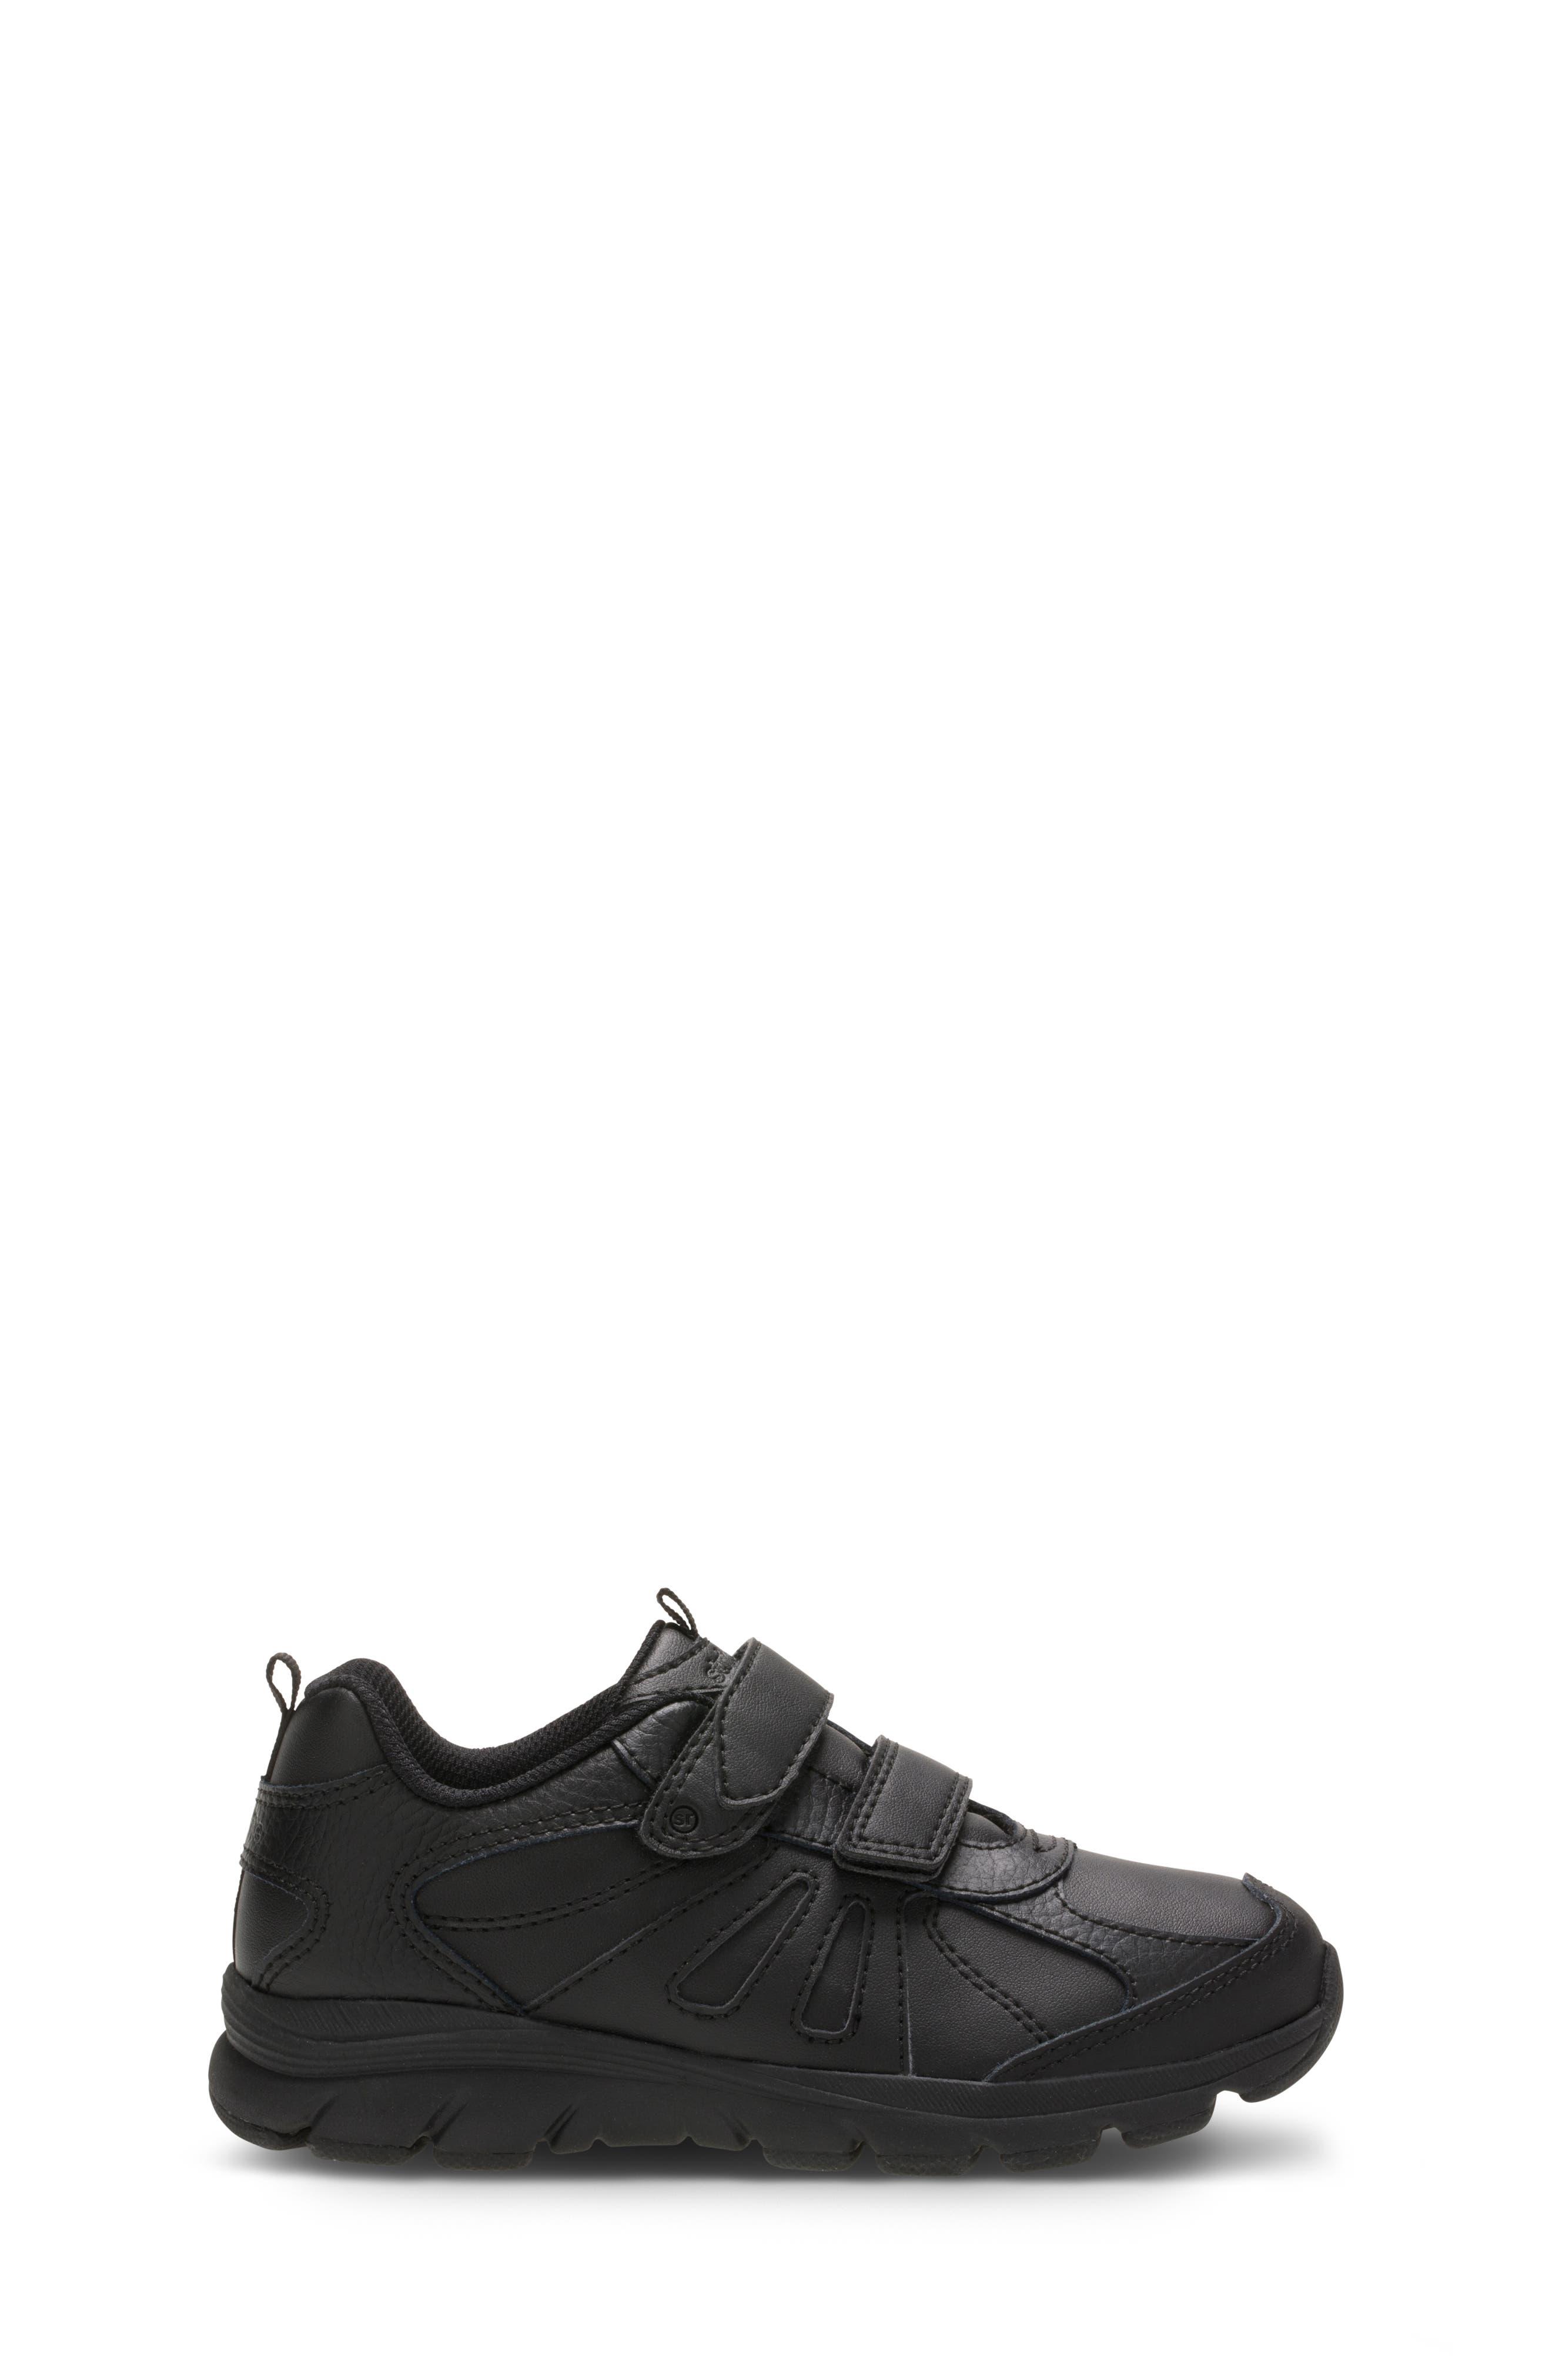 Cooper 2.0 Sneaker,                             Alternate thumbnail 3, color,                             BLACK